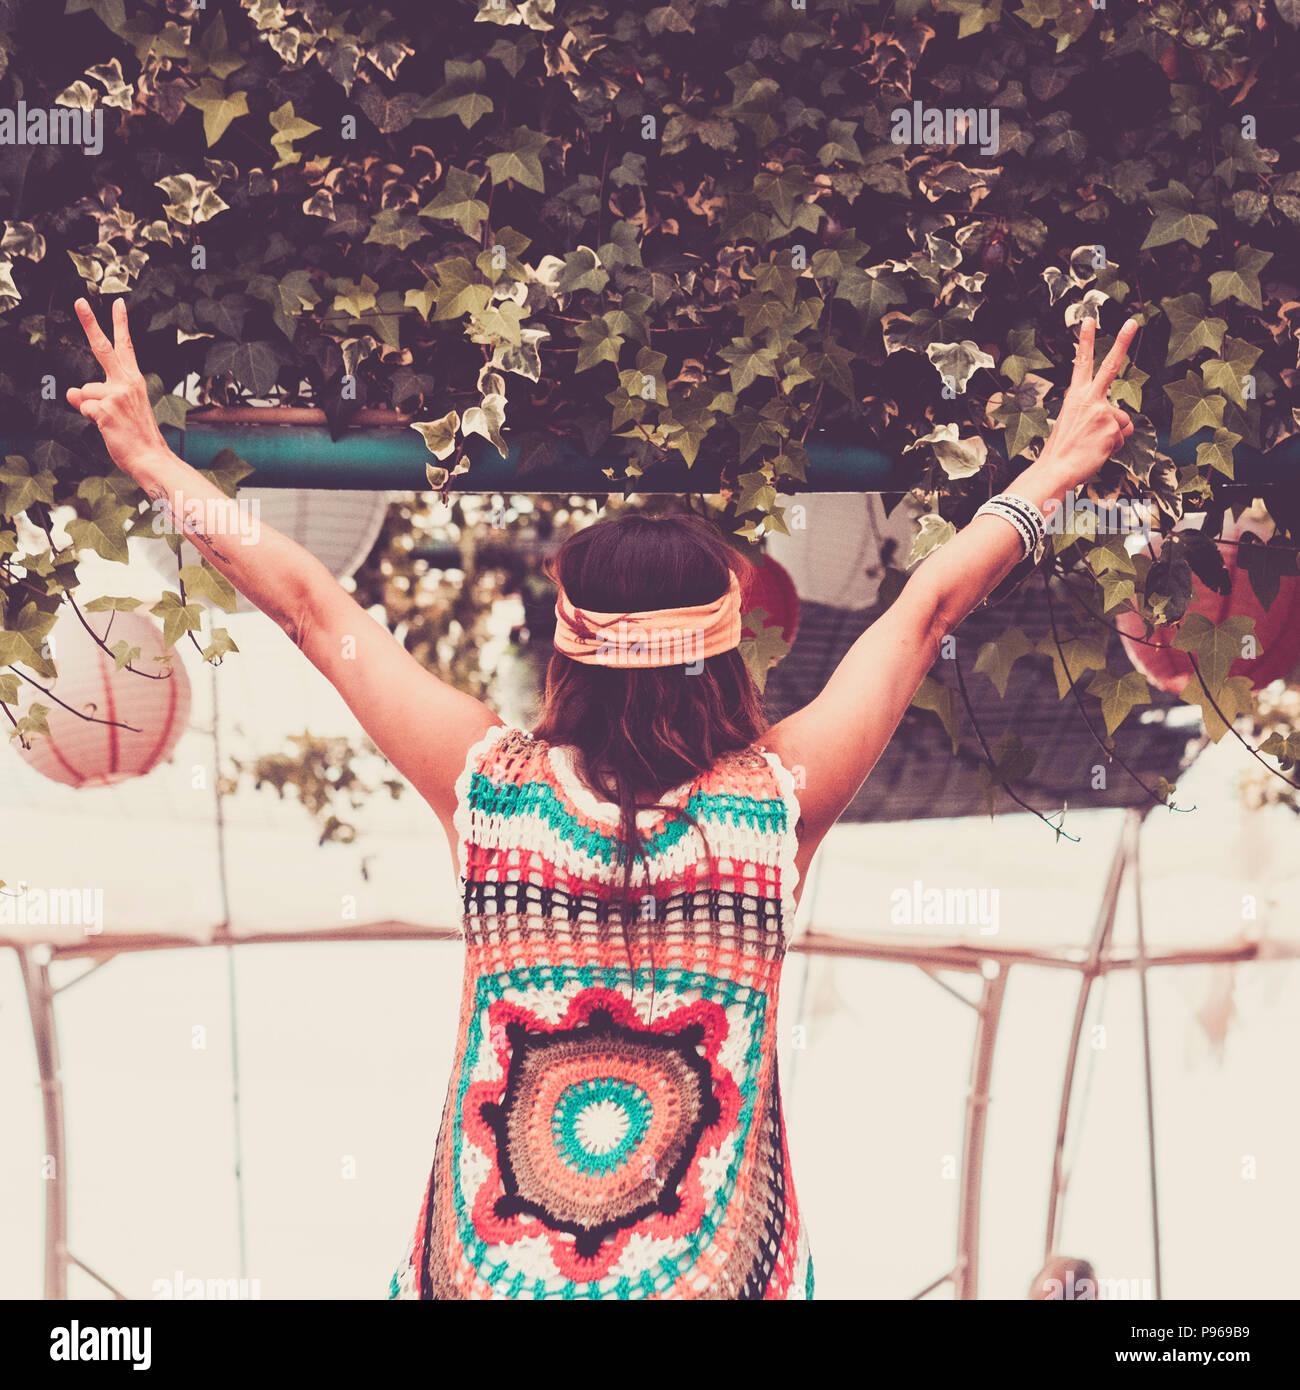 Sieger Konzept Bild mit Freiheit Mädchen von der Rückseite öffnen Arme gesehen und Eröffnung Finger. hippy Kleidung wie in den 60er Jahren. Stockbild